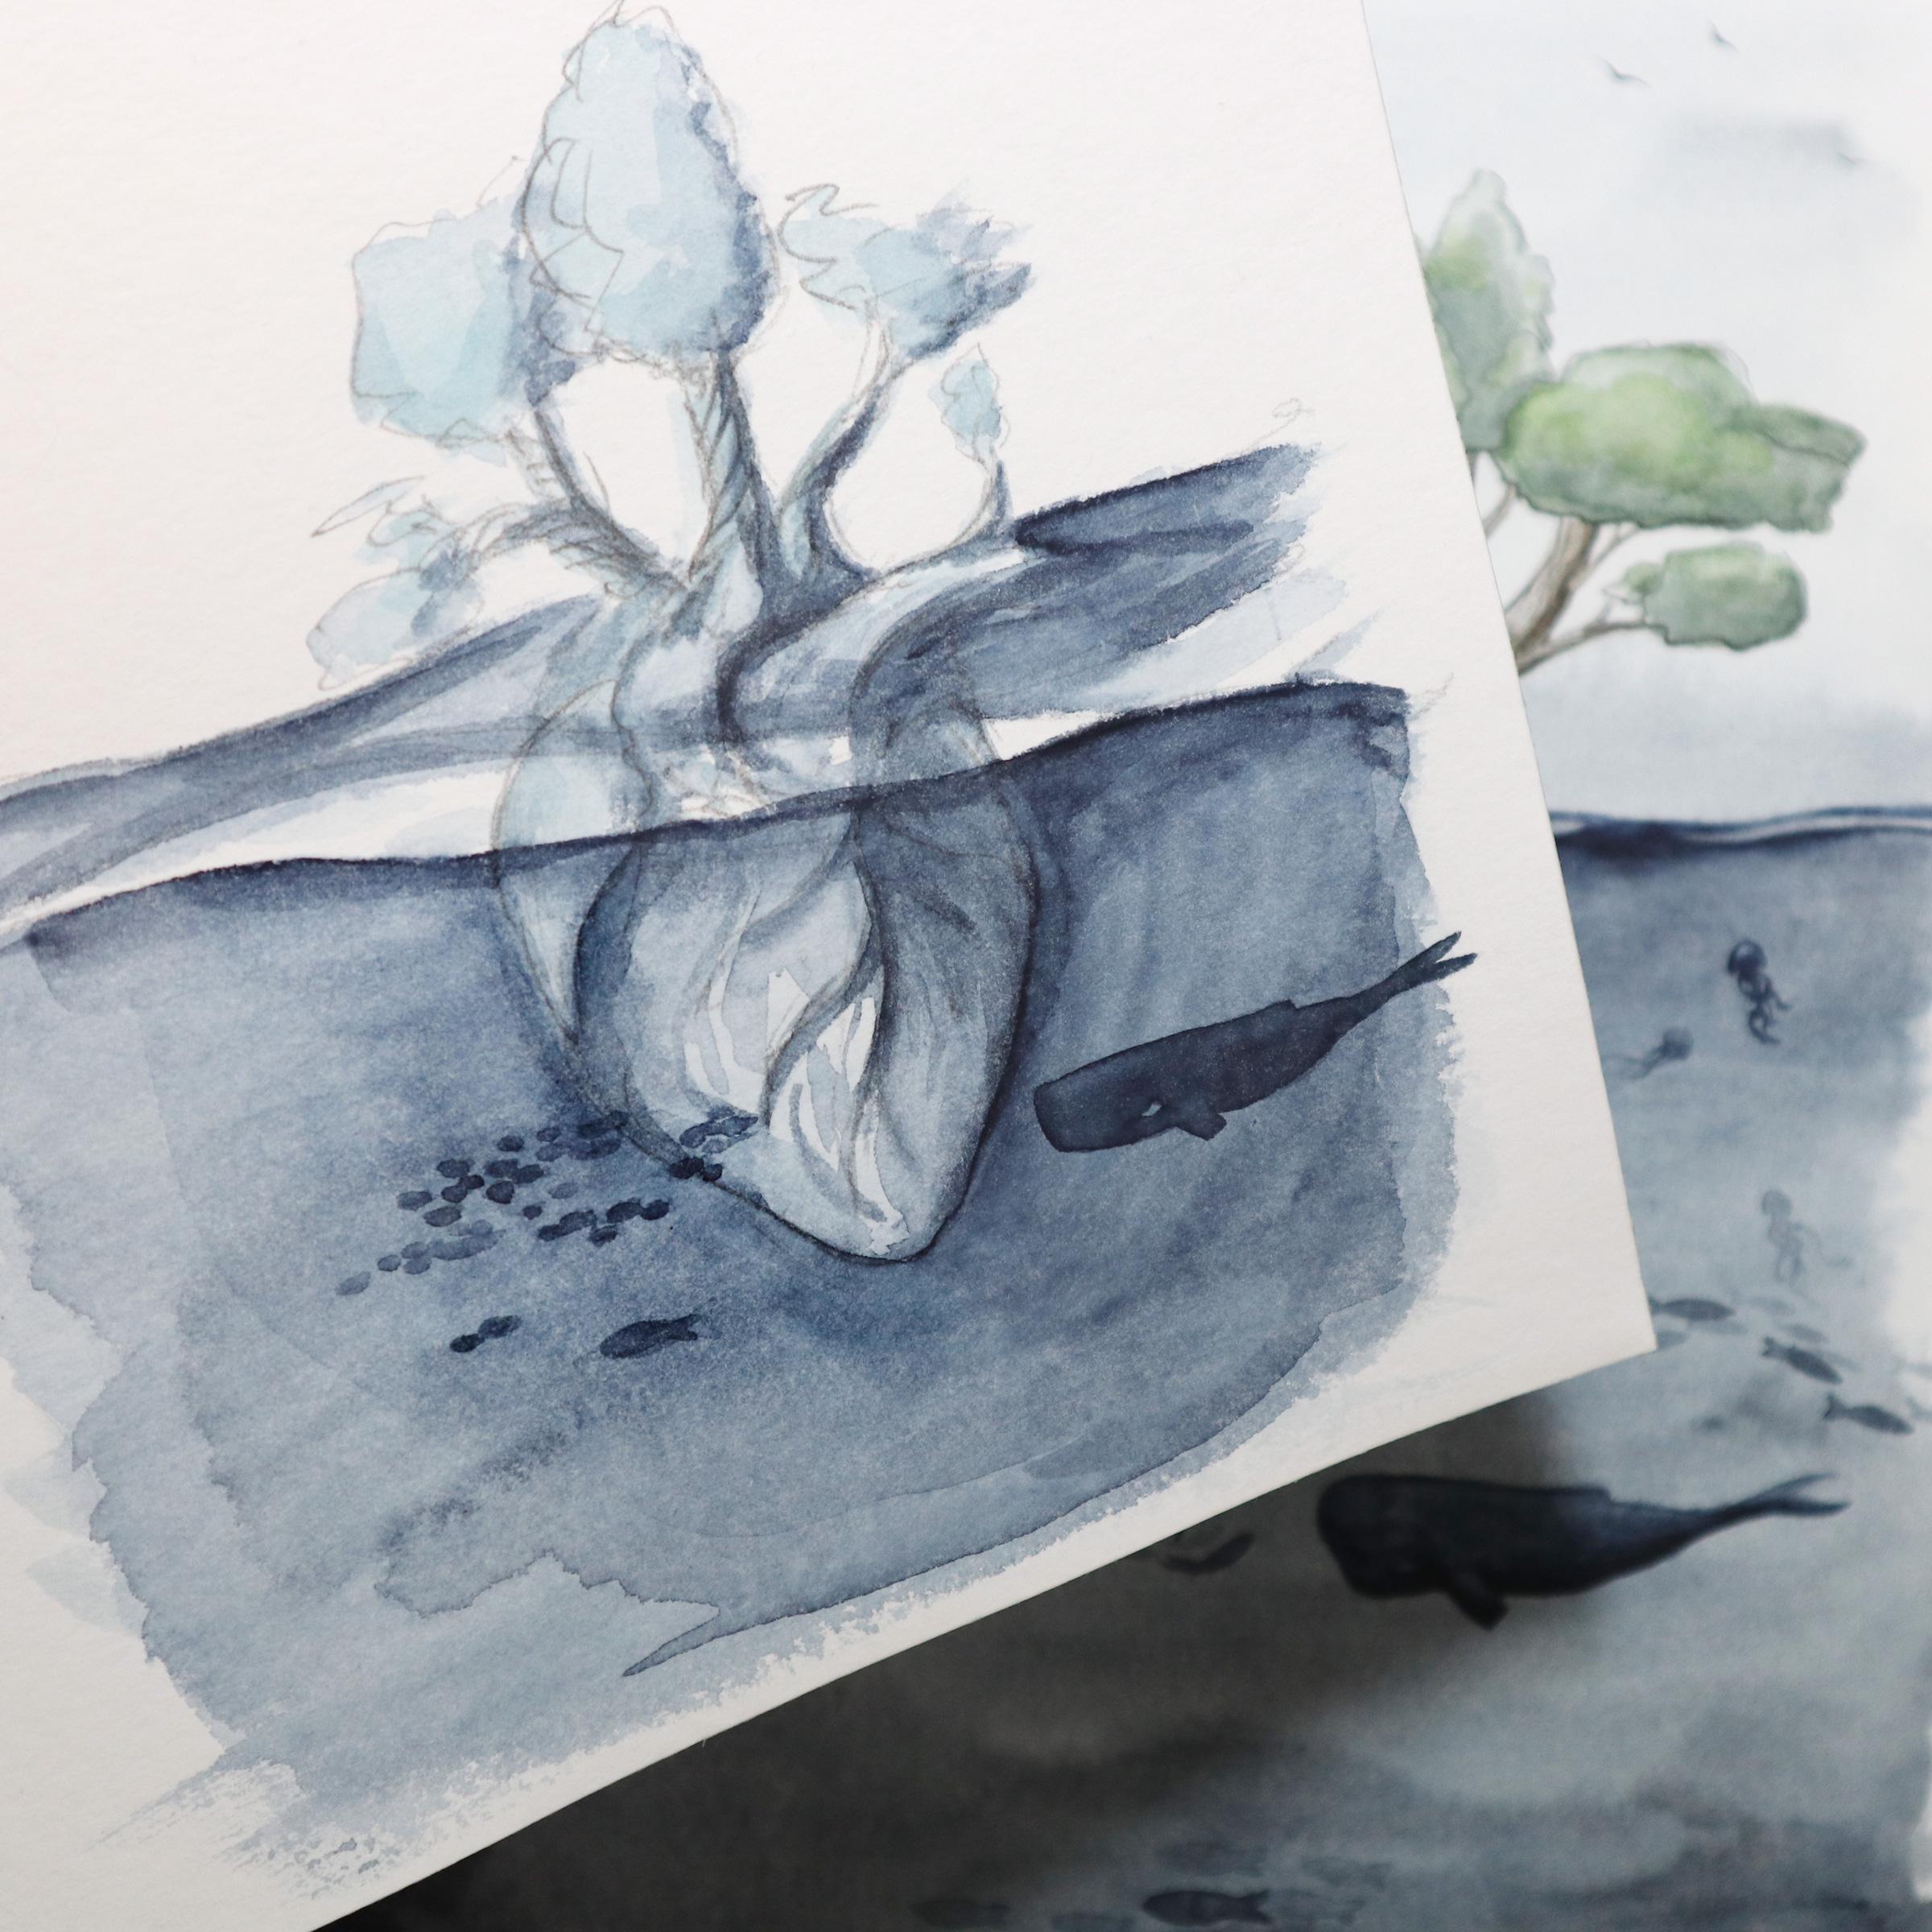 Grobe Skizze mit Bleistift und Aquarellfarbe um die Idee aus dem Wortgenerator einmal festzuhalten.